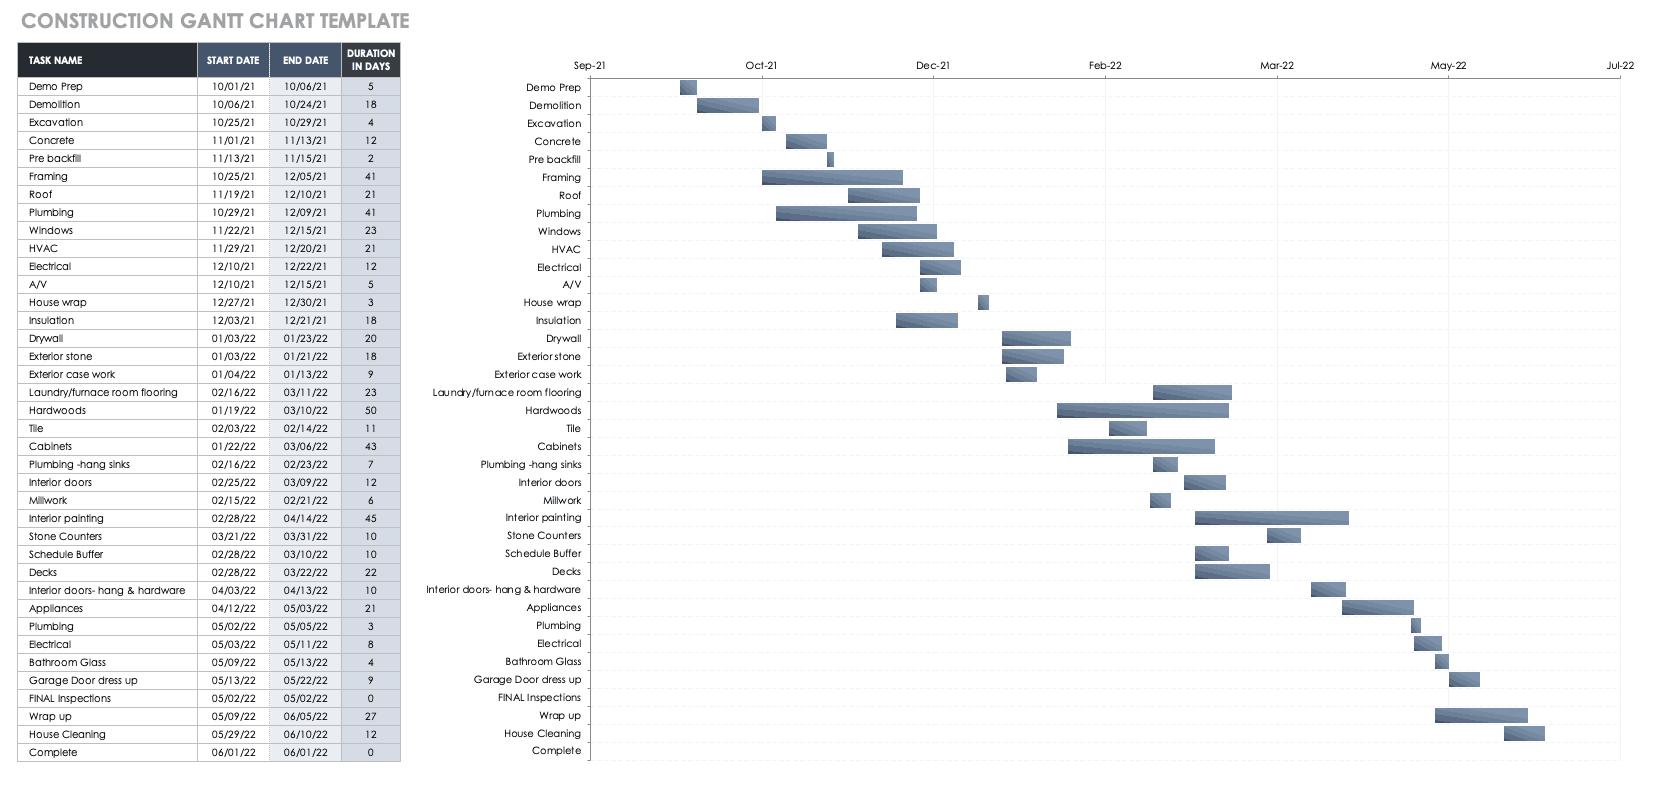 Construction Gantt Chart Template